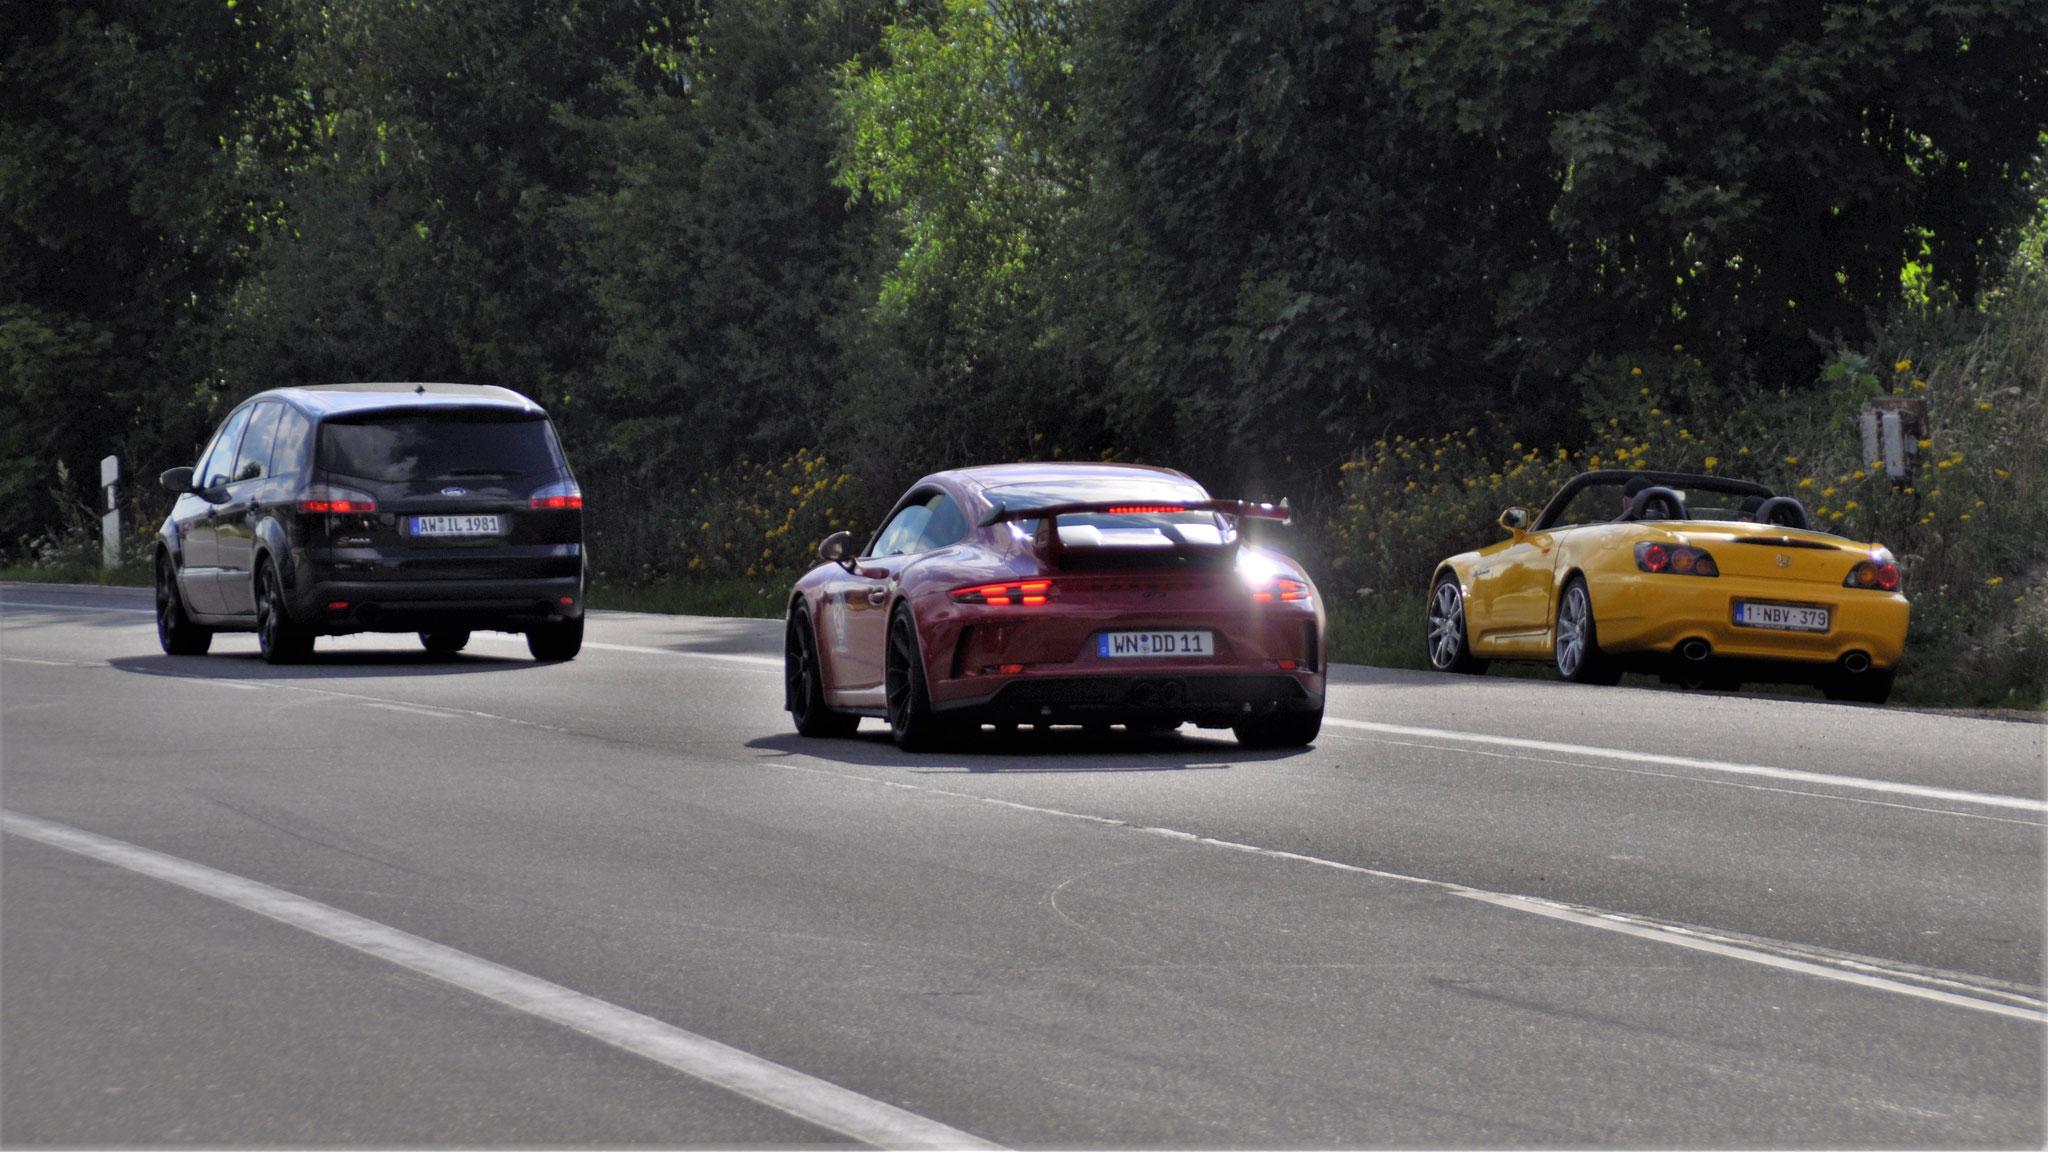 Porsche 991 GT3 - WN-DD-11